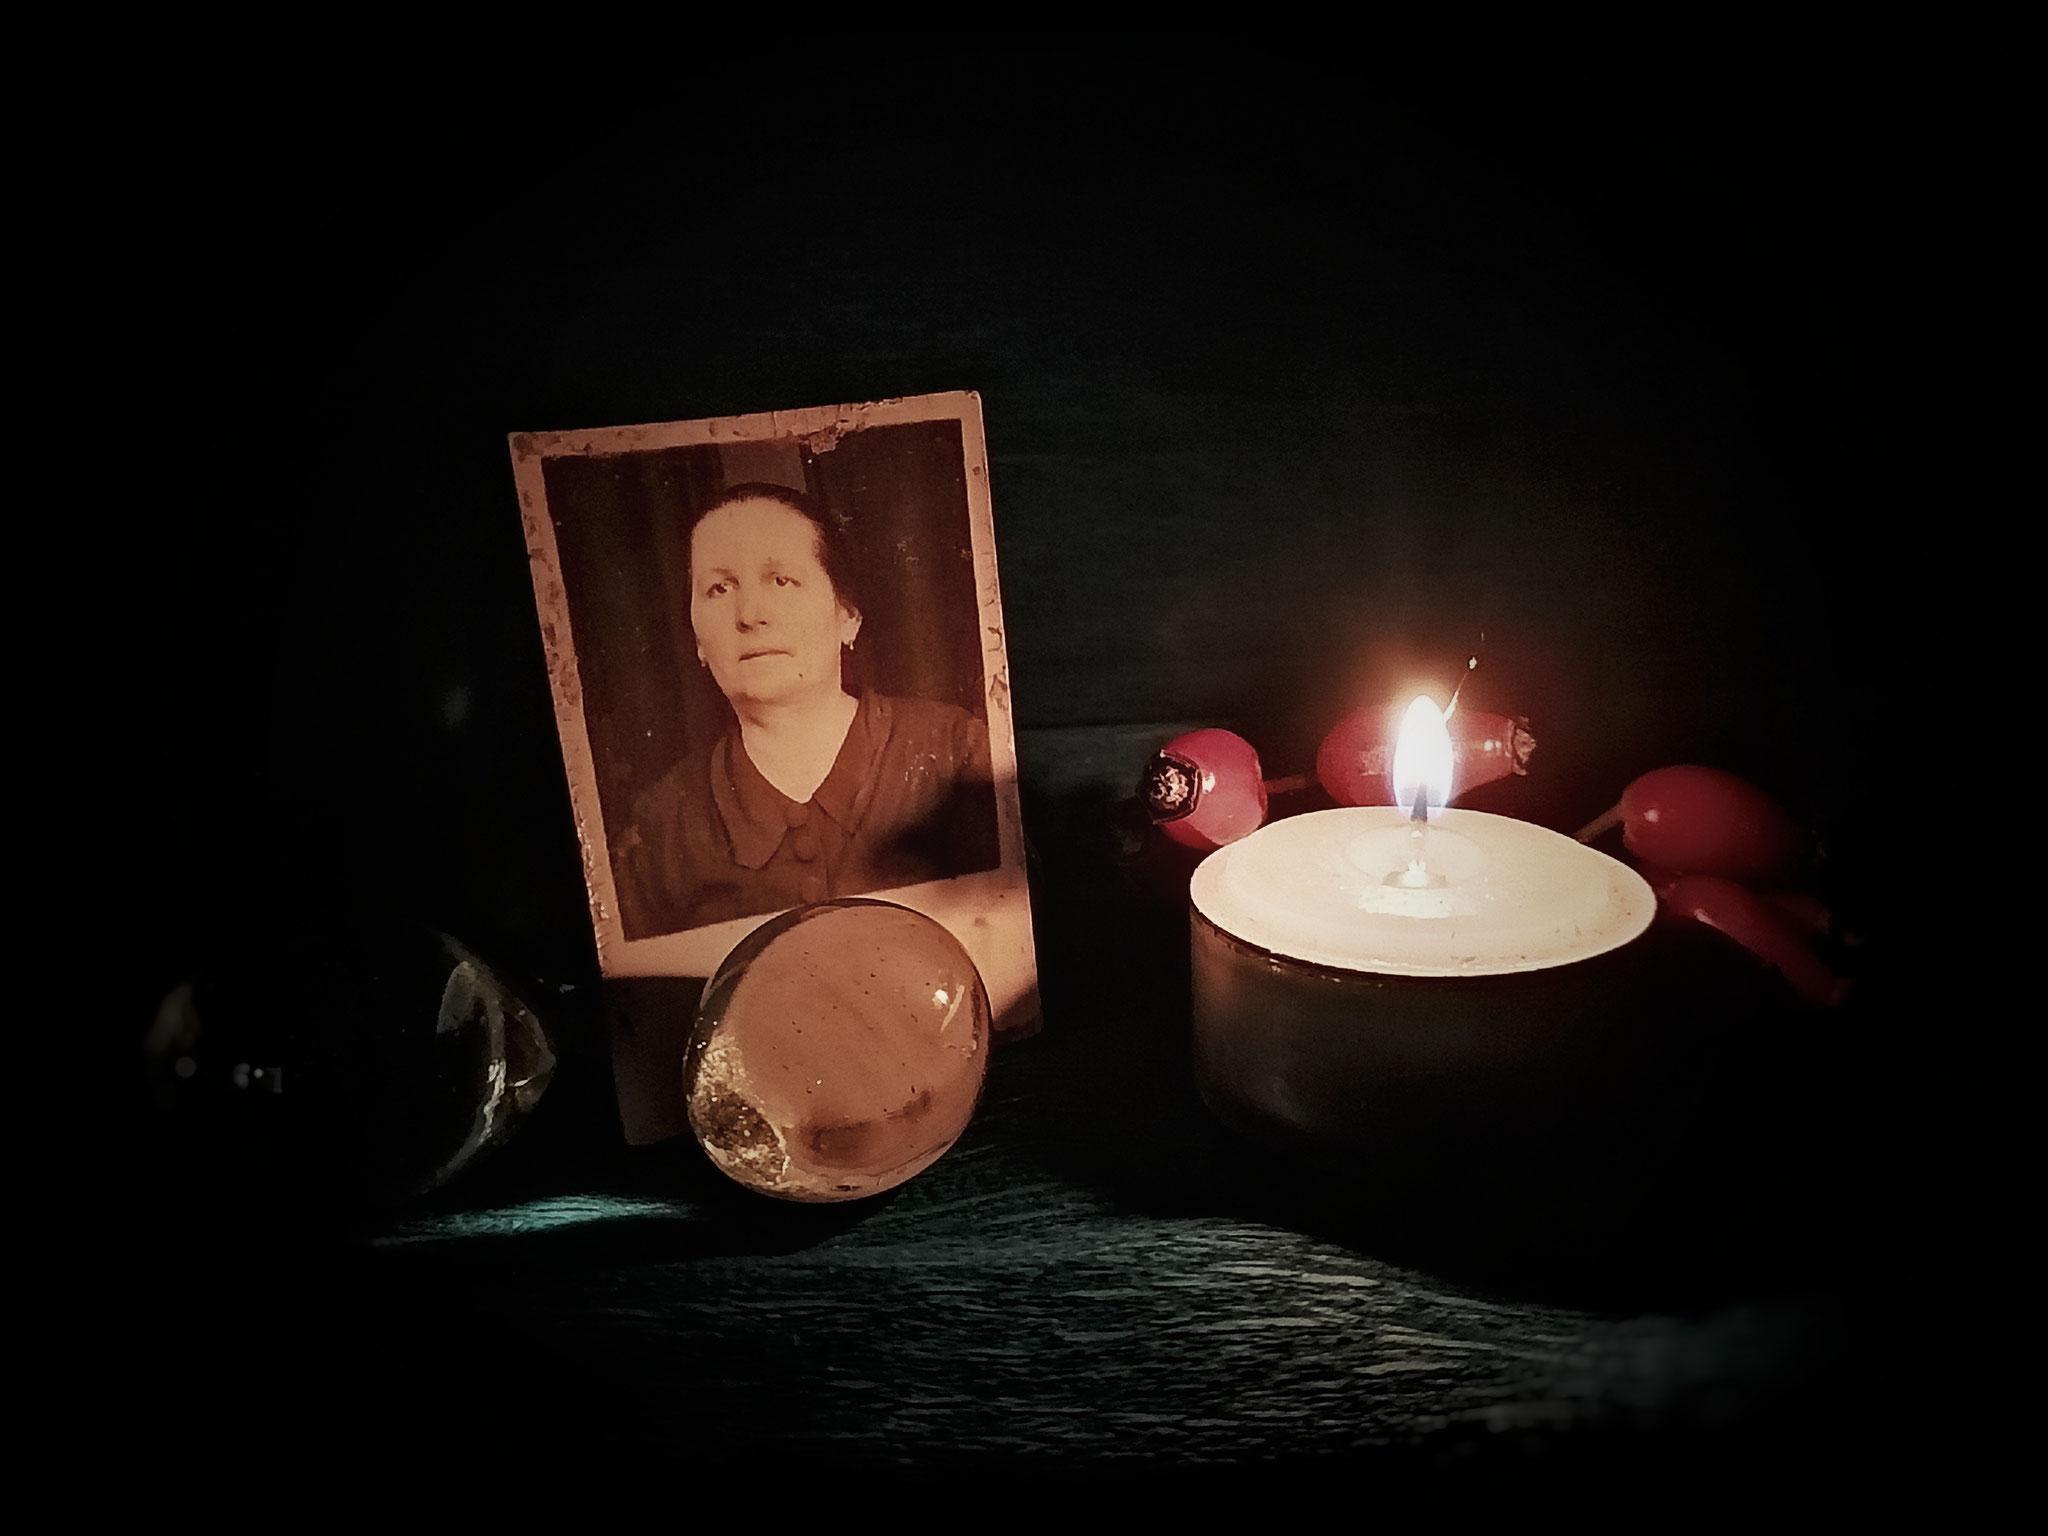 Erdélyi Olivia (Serbia) - Eternity